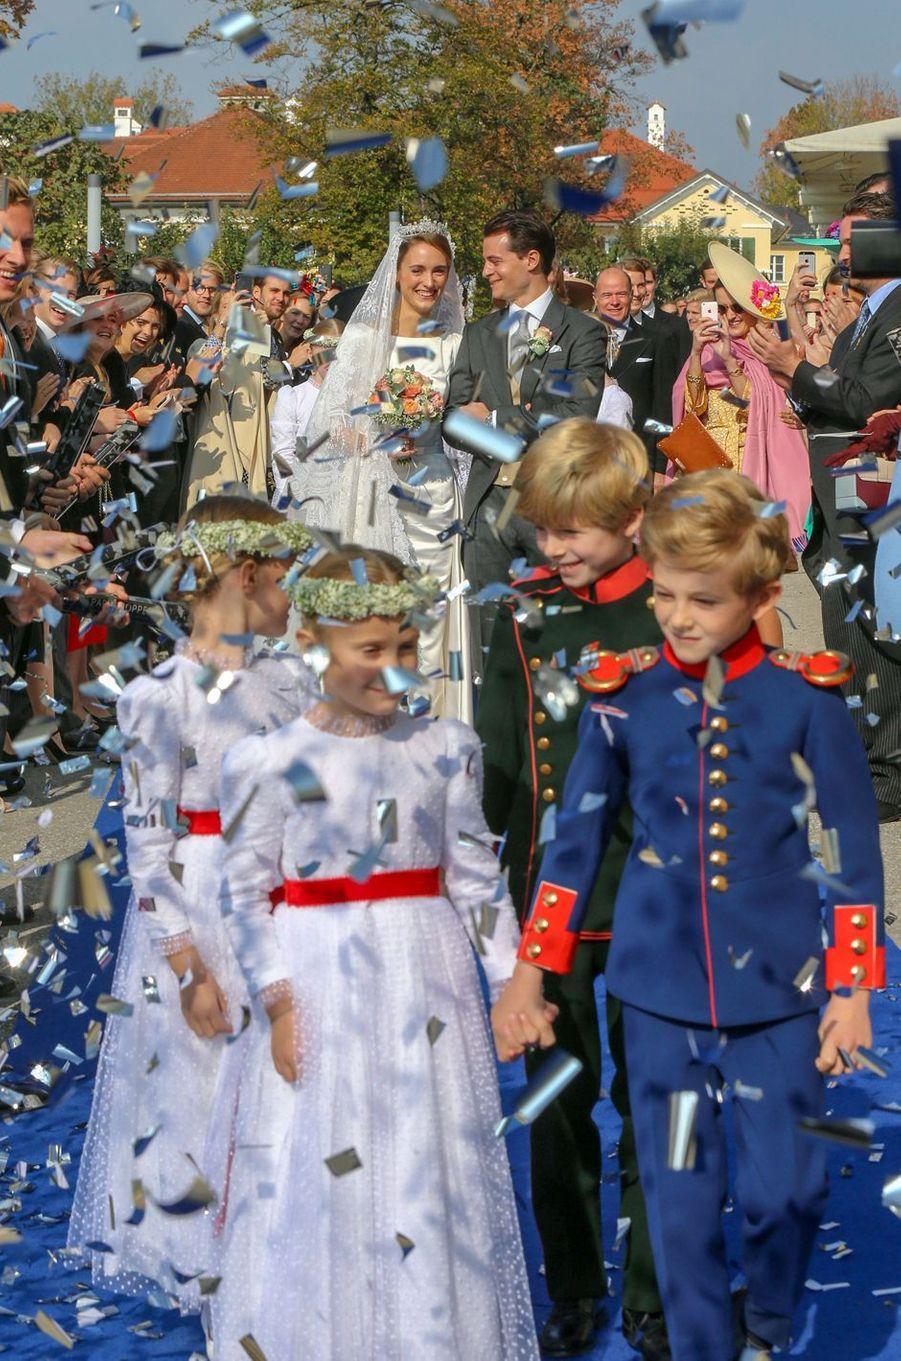 La duchesse Sophie de Wurtemberg et le comte Maximilien d'Andigné à Tegernsee, le 20 octobre 2018